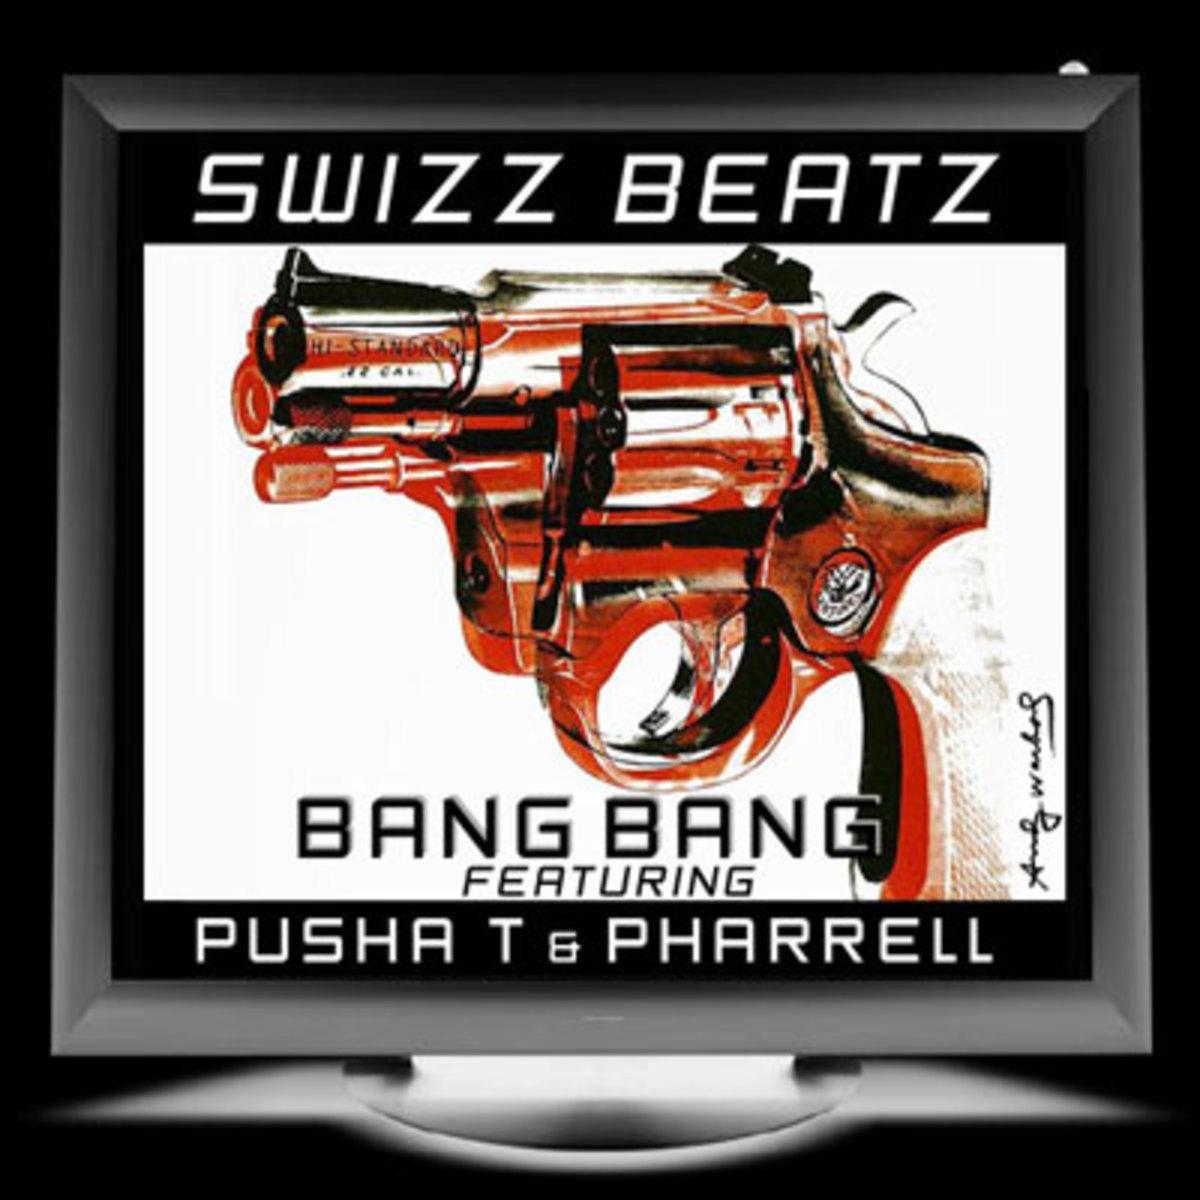 swizzbeatz-bangbang.jpg